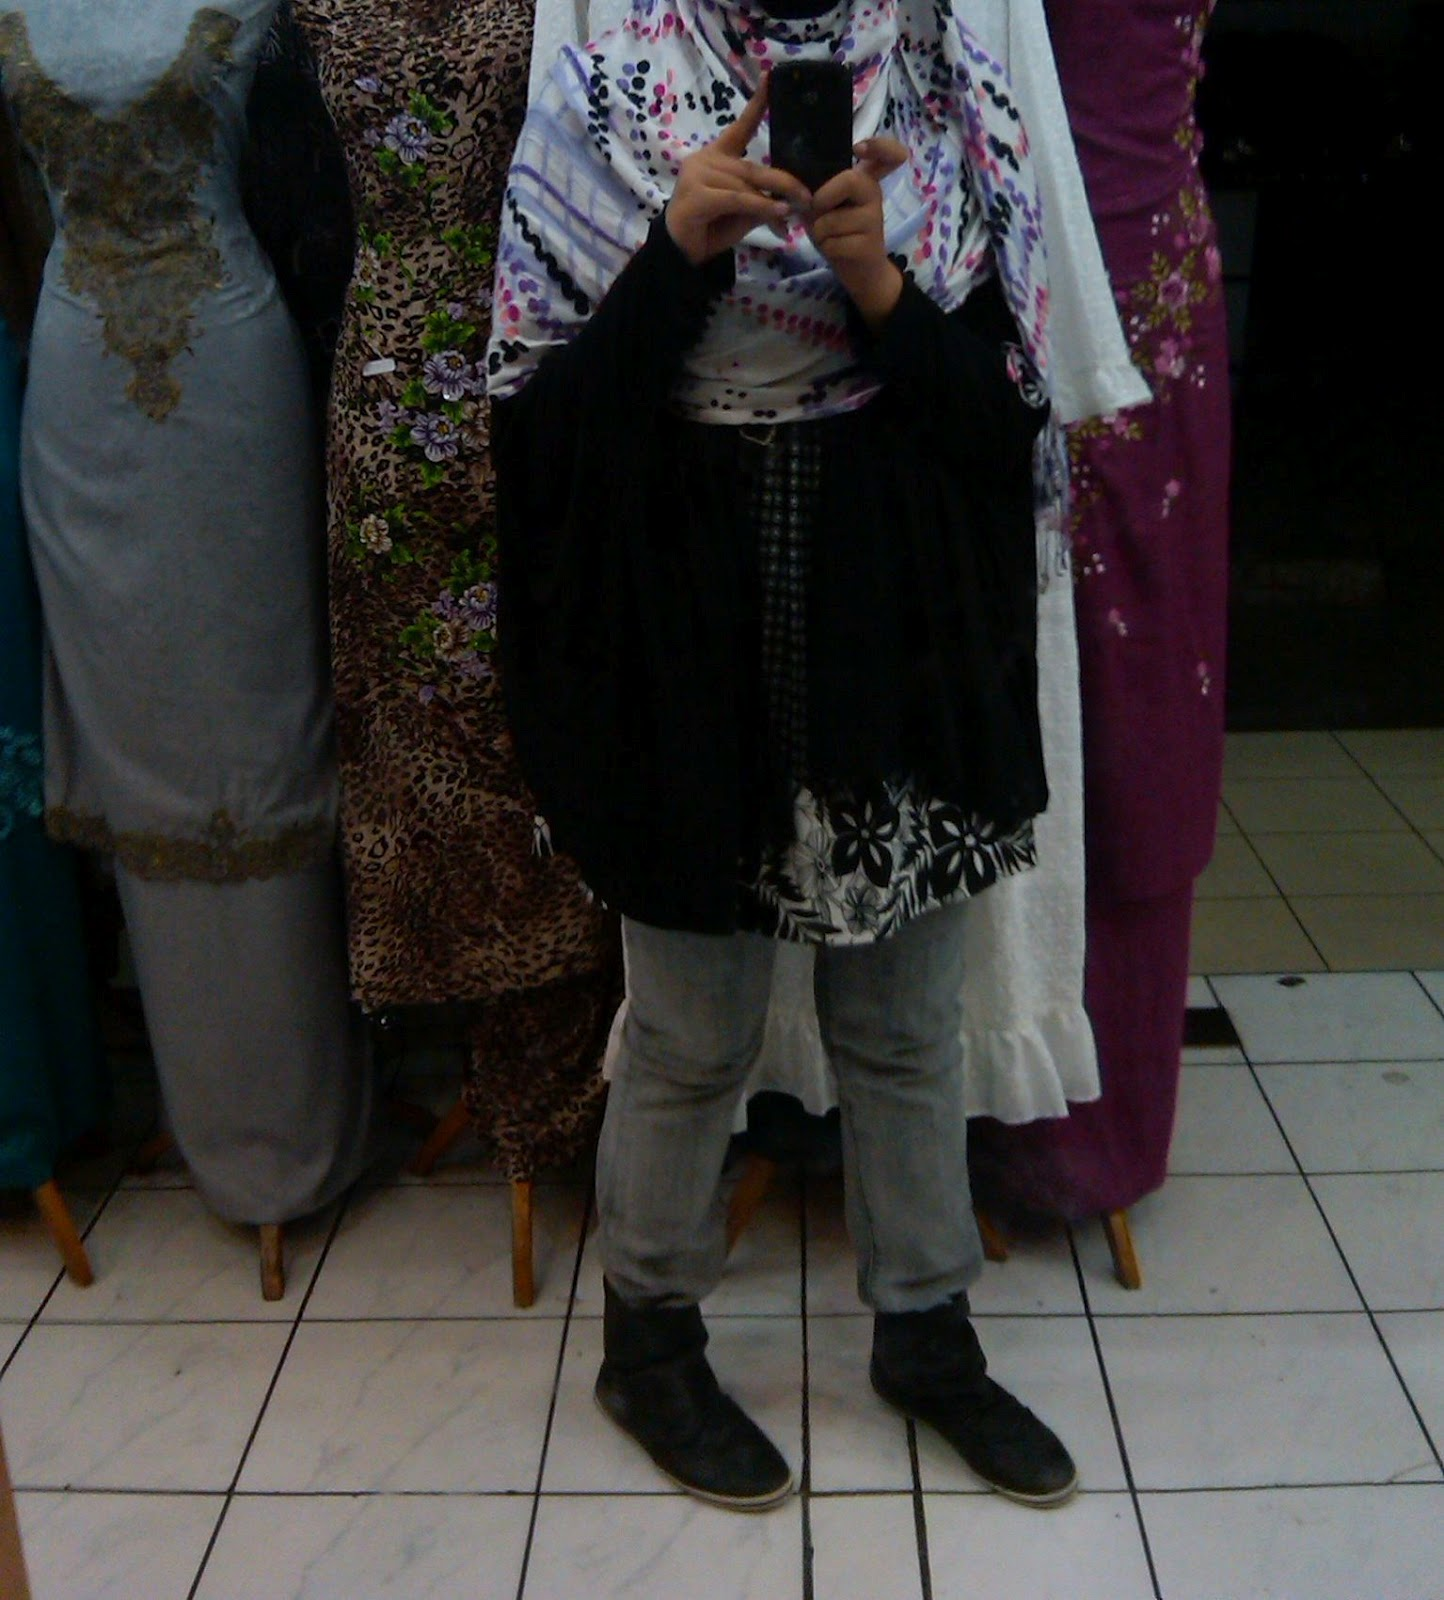 STYLOSTA In Bandung